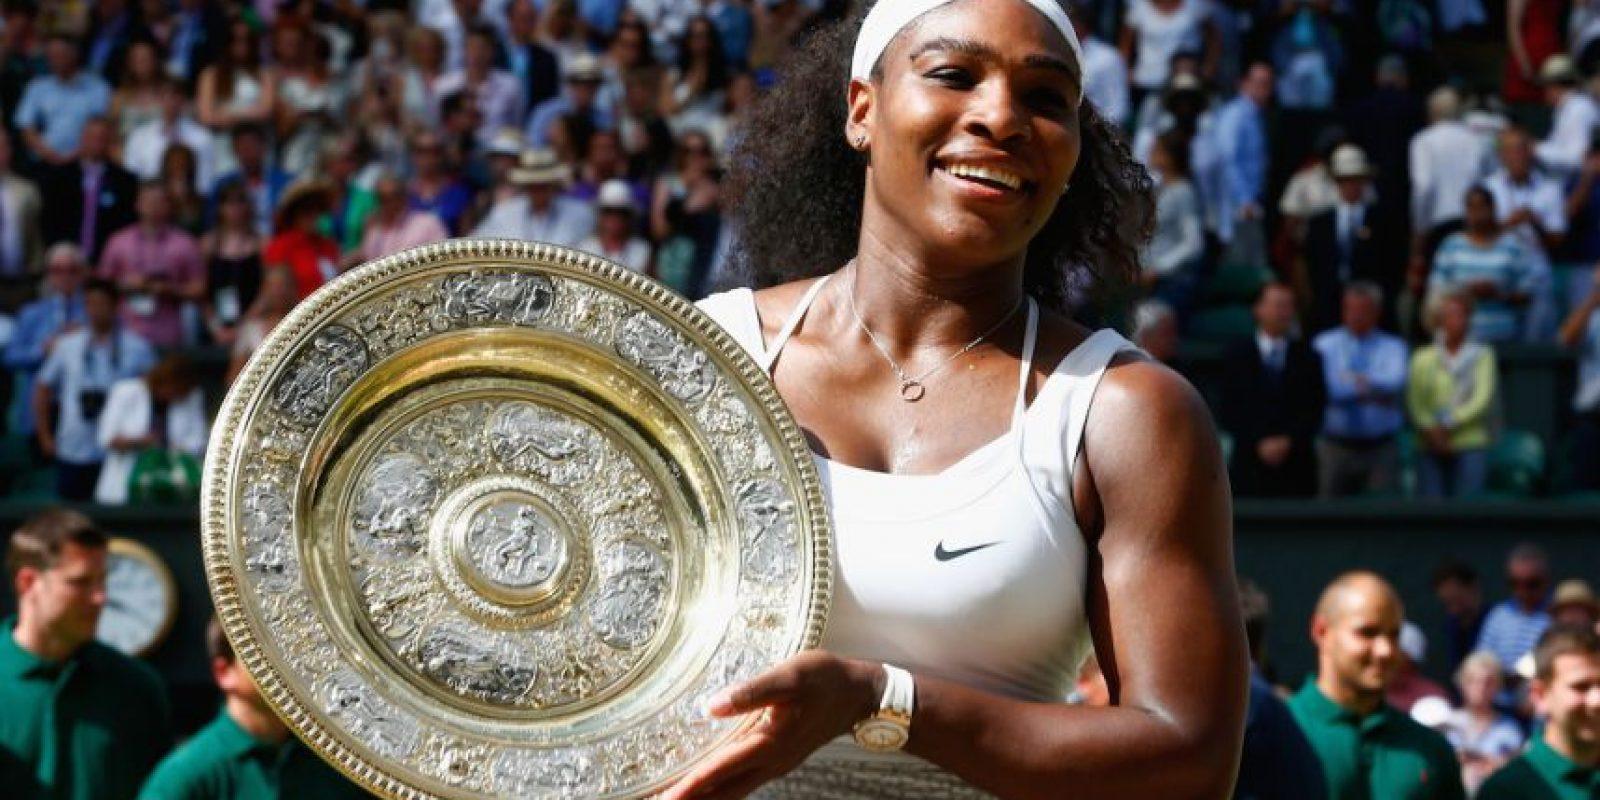 Todo el año se habló de los triunfos y logros de la estadounidense, seguida por 3.9 millones de personas. Foto:Getty Images